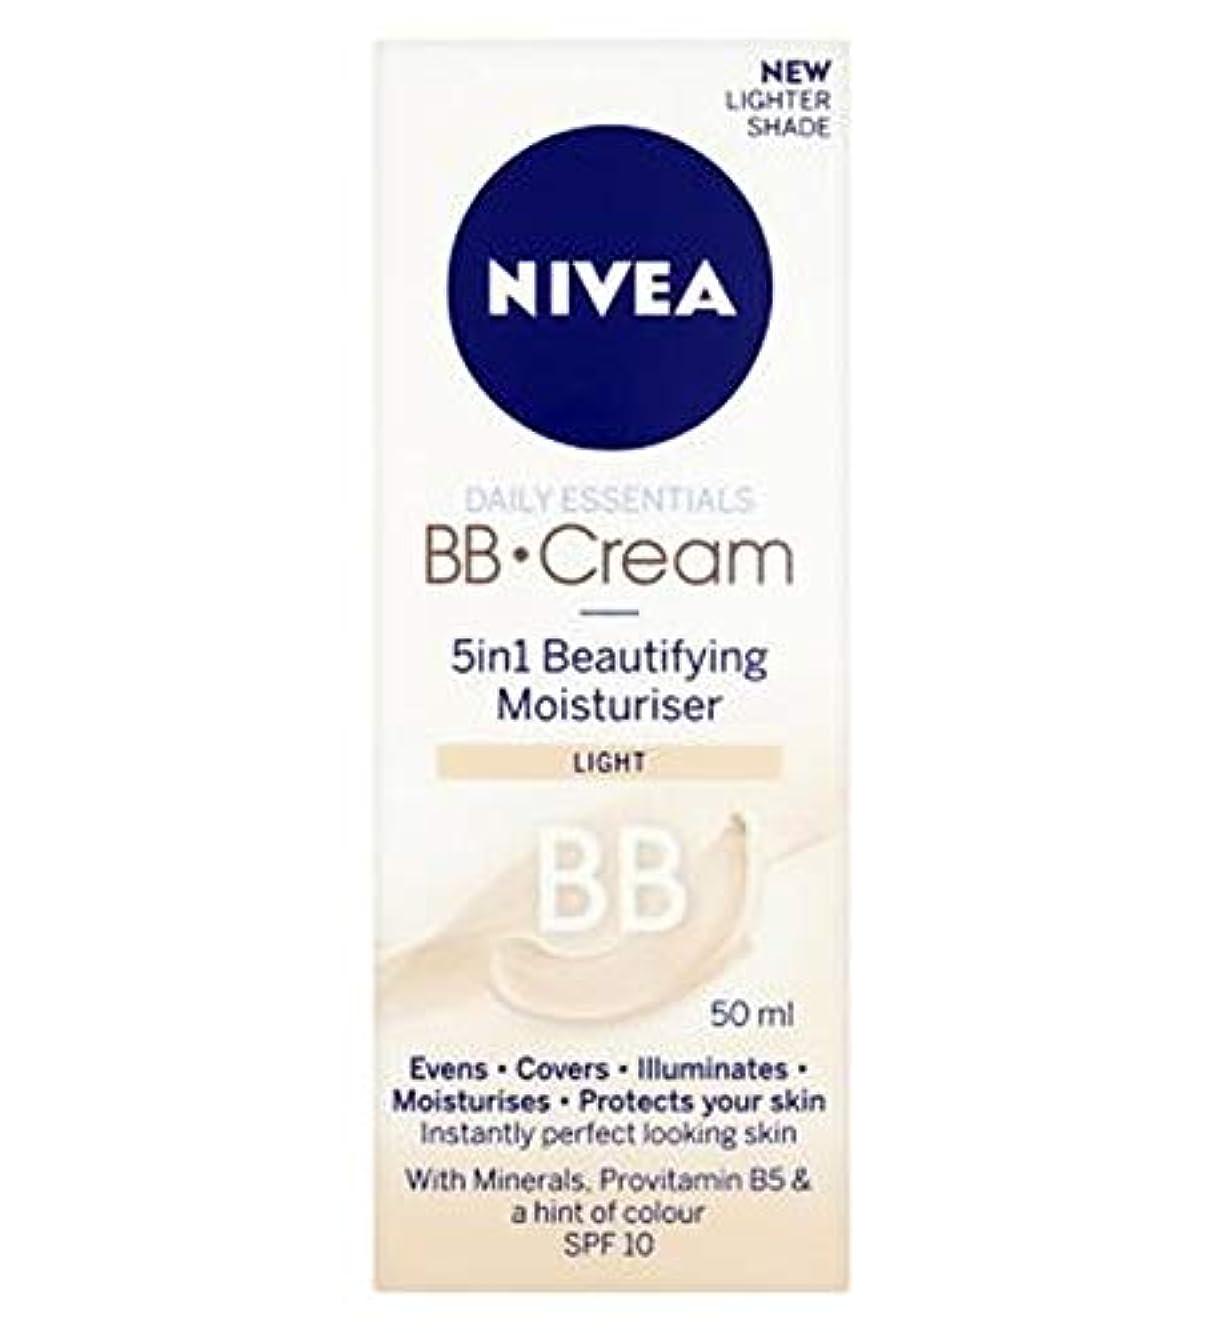 協会小石と組む[Nivea ] 1つの美容保湿光50ミリリットルでNivea?日常必需品のBbクリーム5 - Nivea? Daily Essentials Bb Cream 5 In 1 Beautifying Moisturiser...